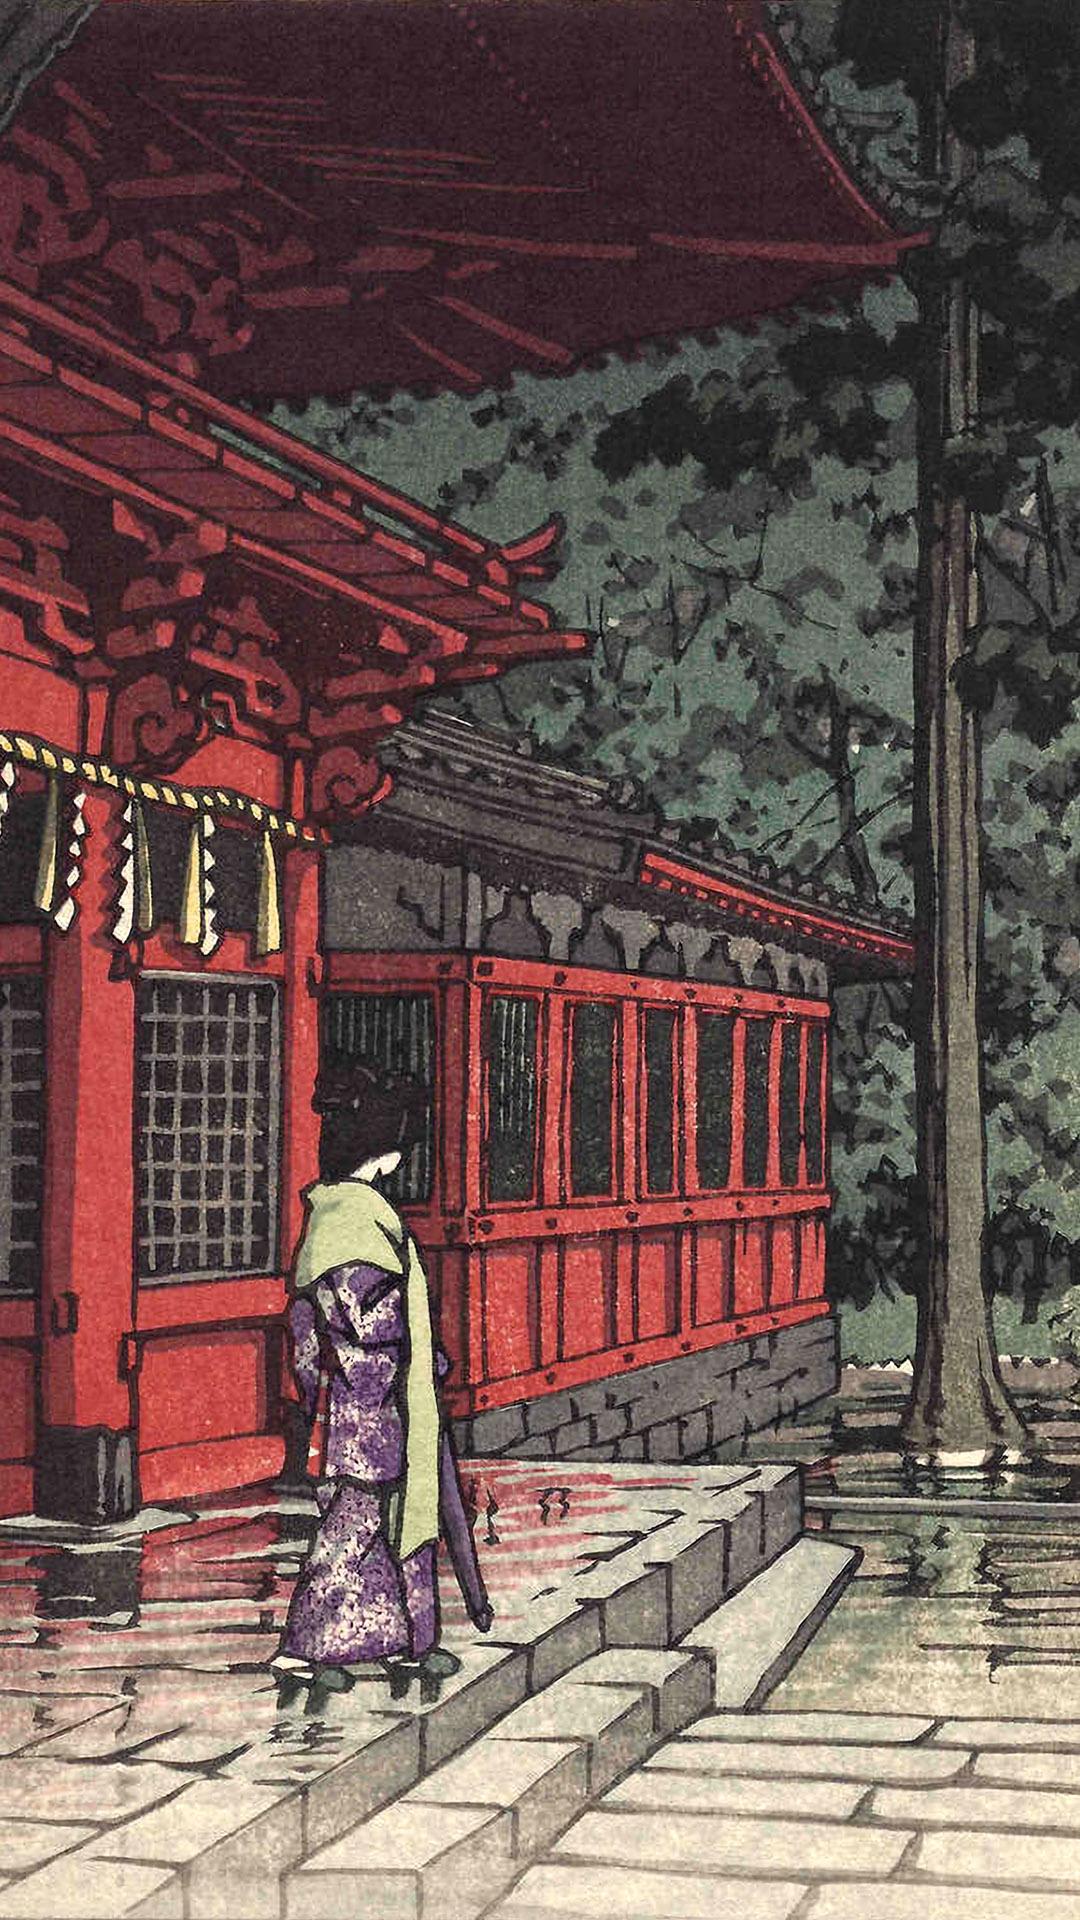 川瀬巴水 日枝神社 Kawase Hasui - Hie jinja 1080x1920